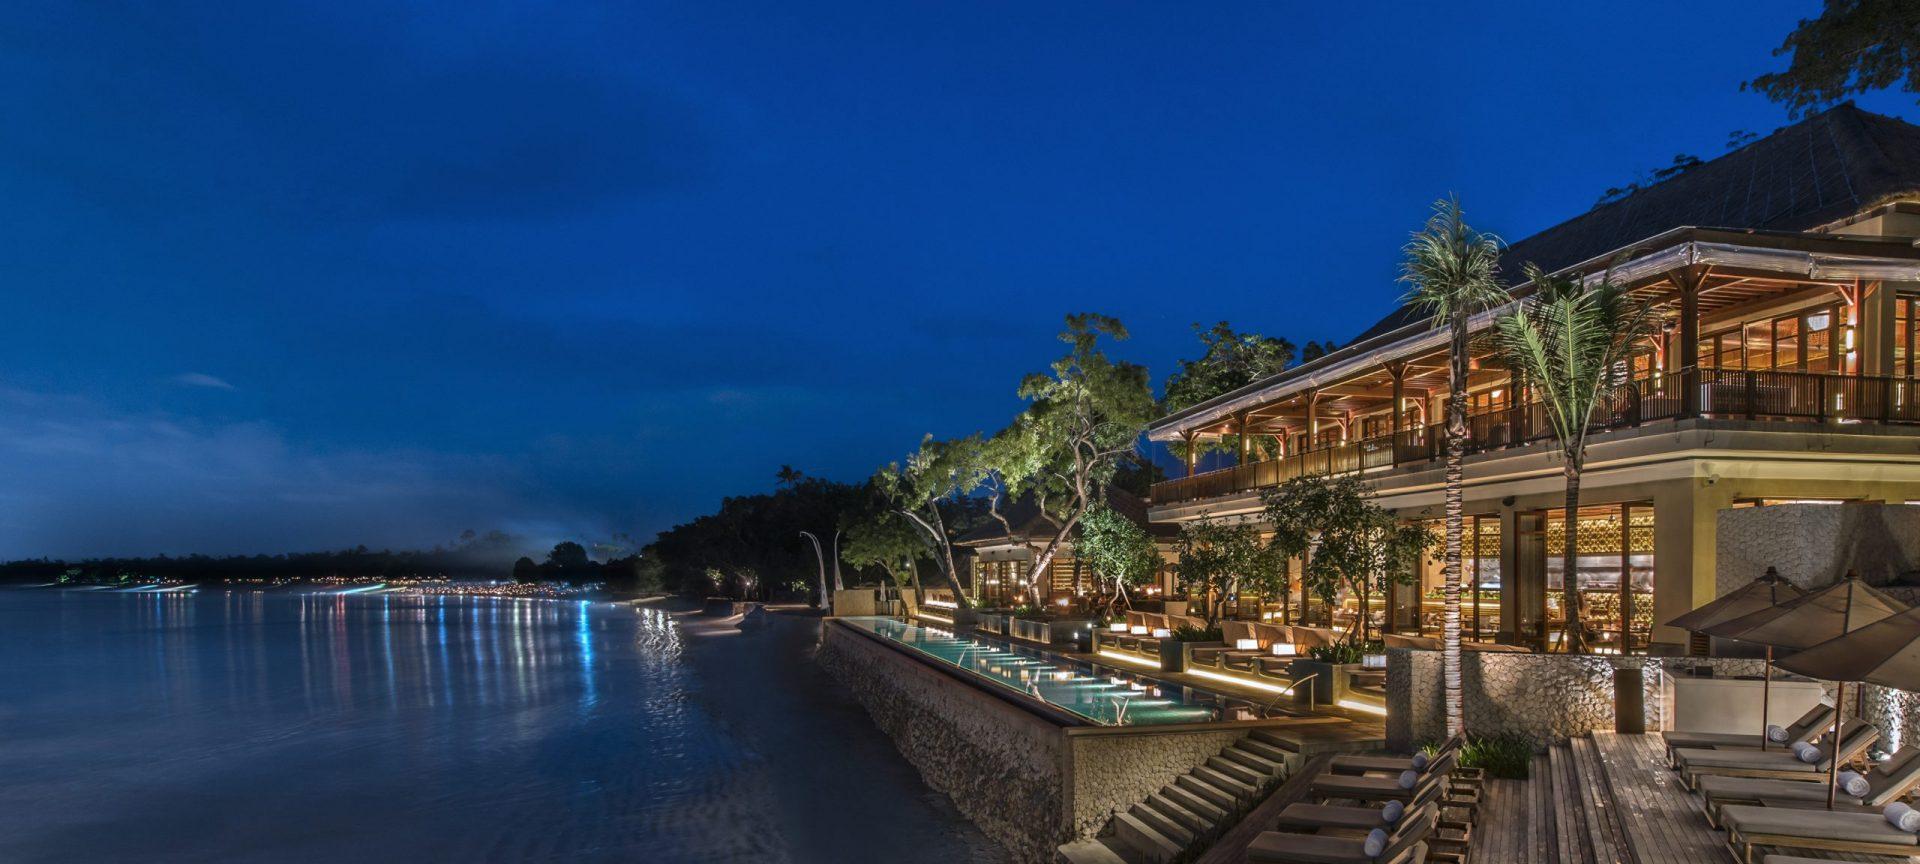 Four Seasons Bali At Jimbaran Bay Trails Of Indochina